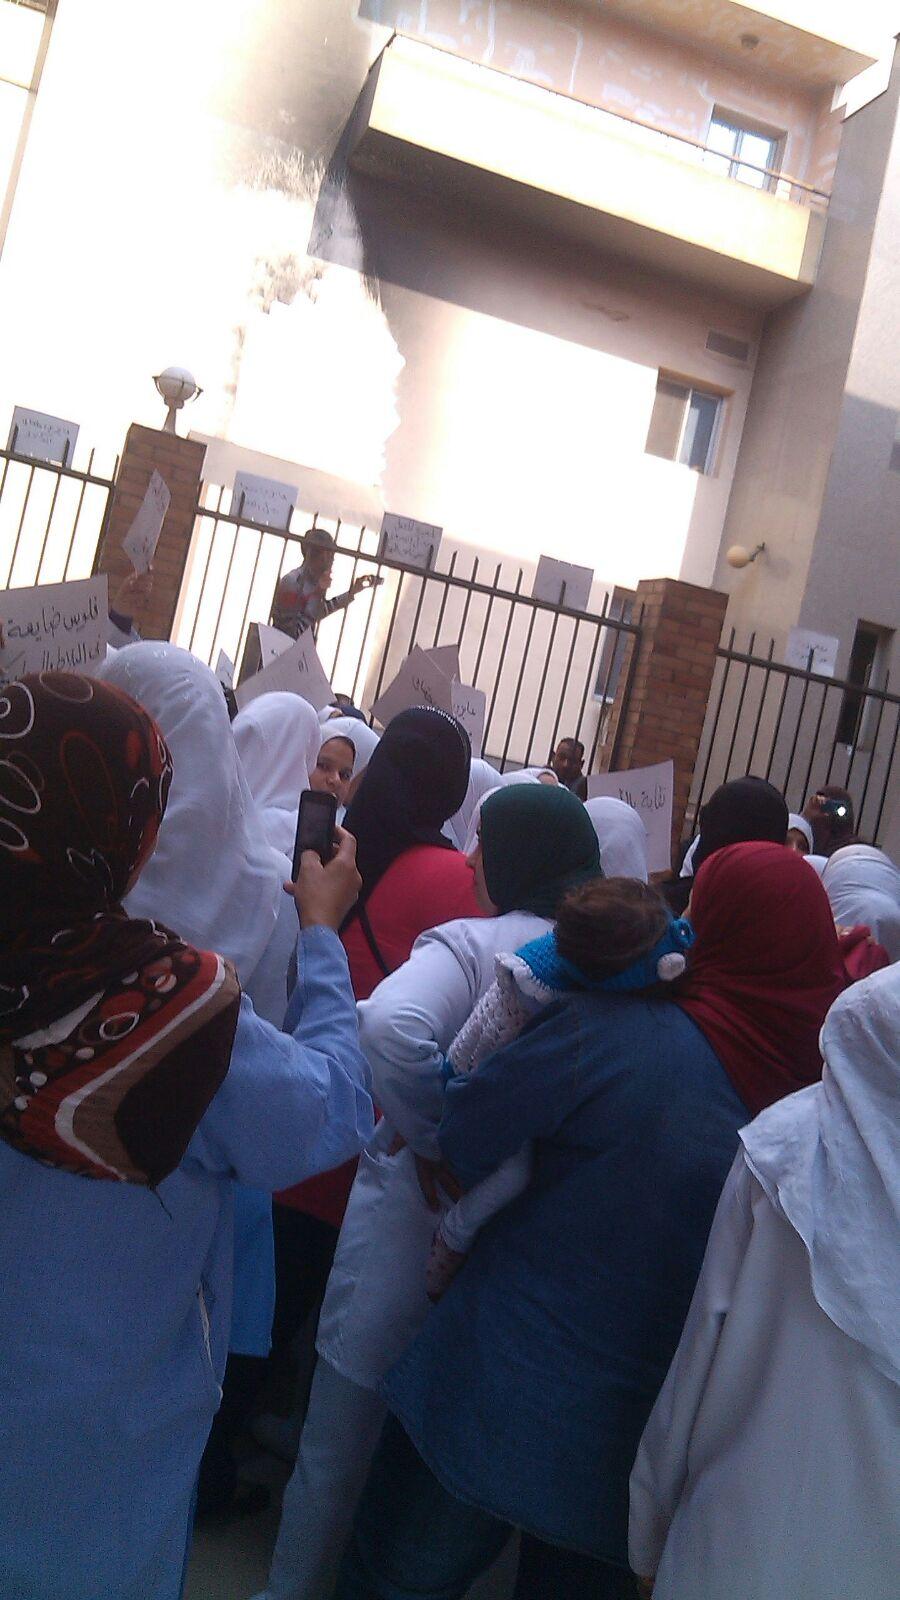 مظاهرة للتأمين الصحي بشبرا من أجل الكادر والمساواة بـ«الصحة»